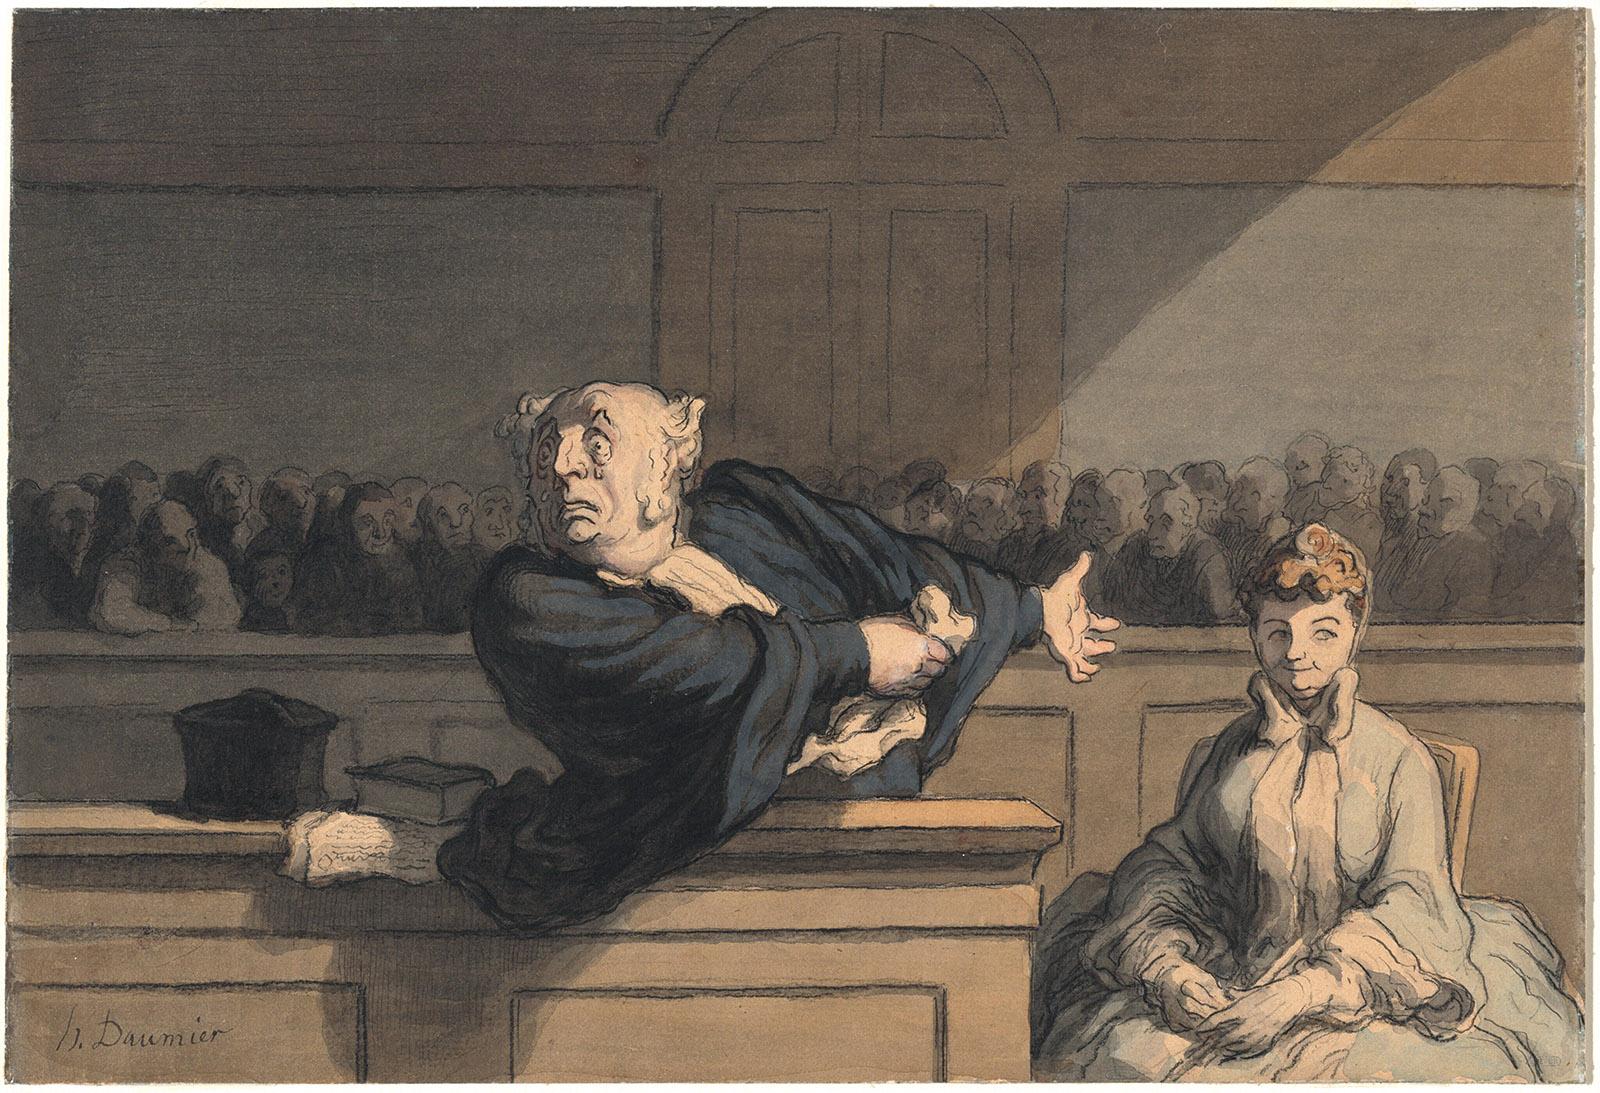 Honoré Daumier: Le Défenseur, circa 1862–1865